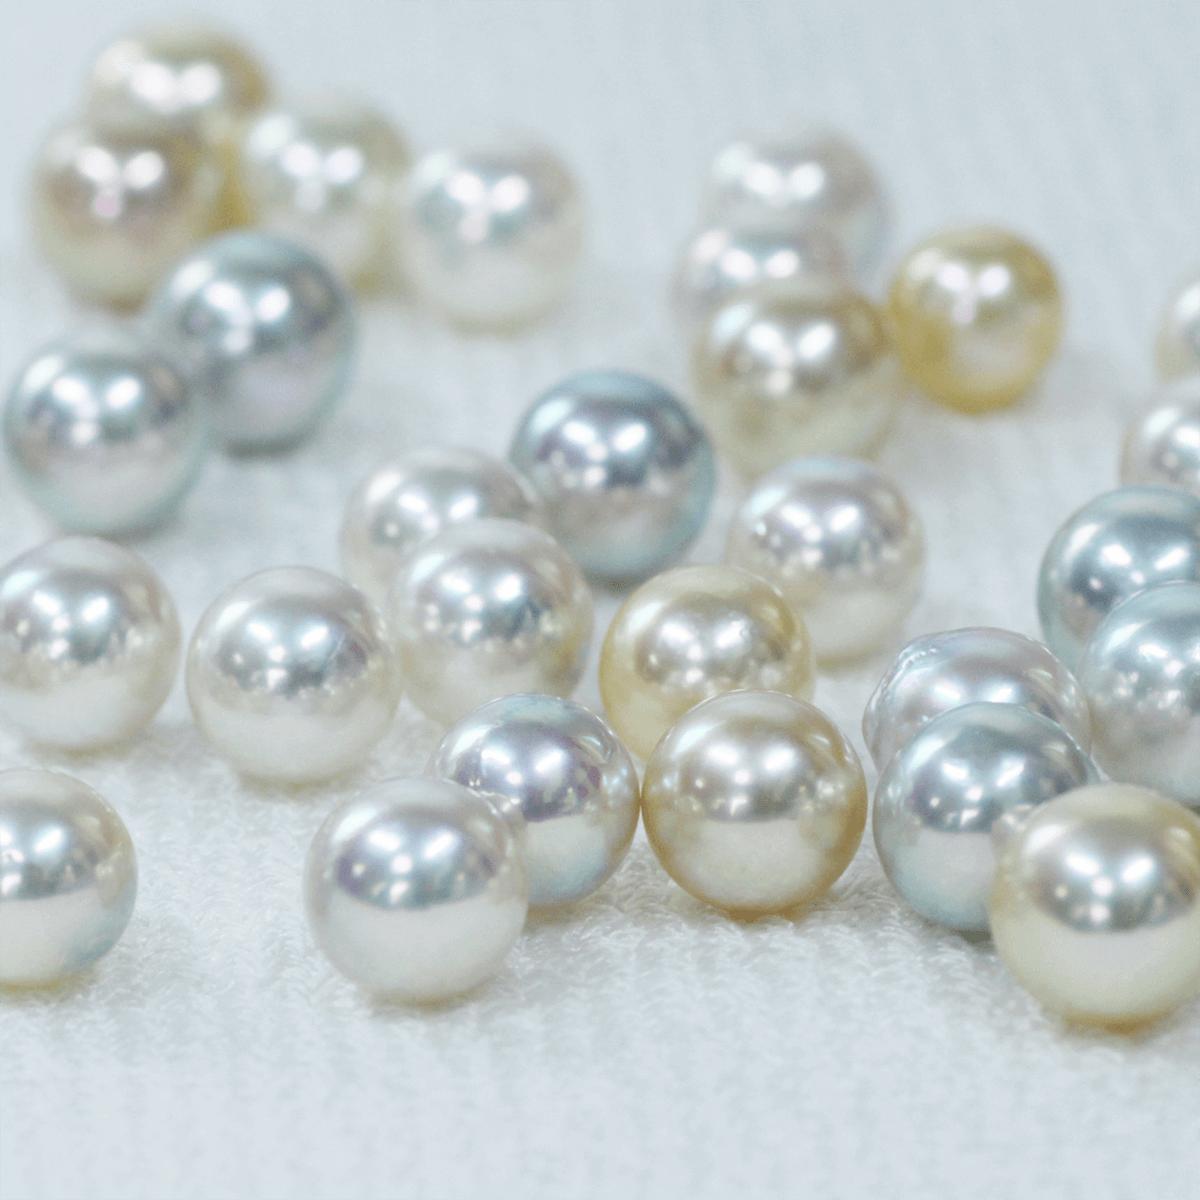 真珠の選別作業の写真